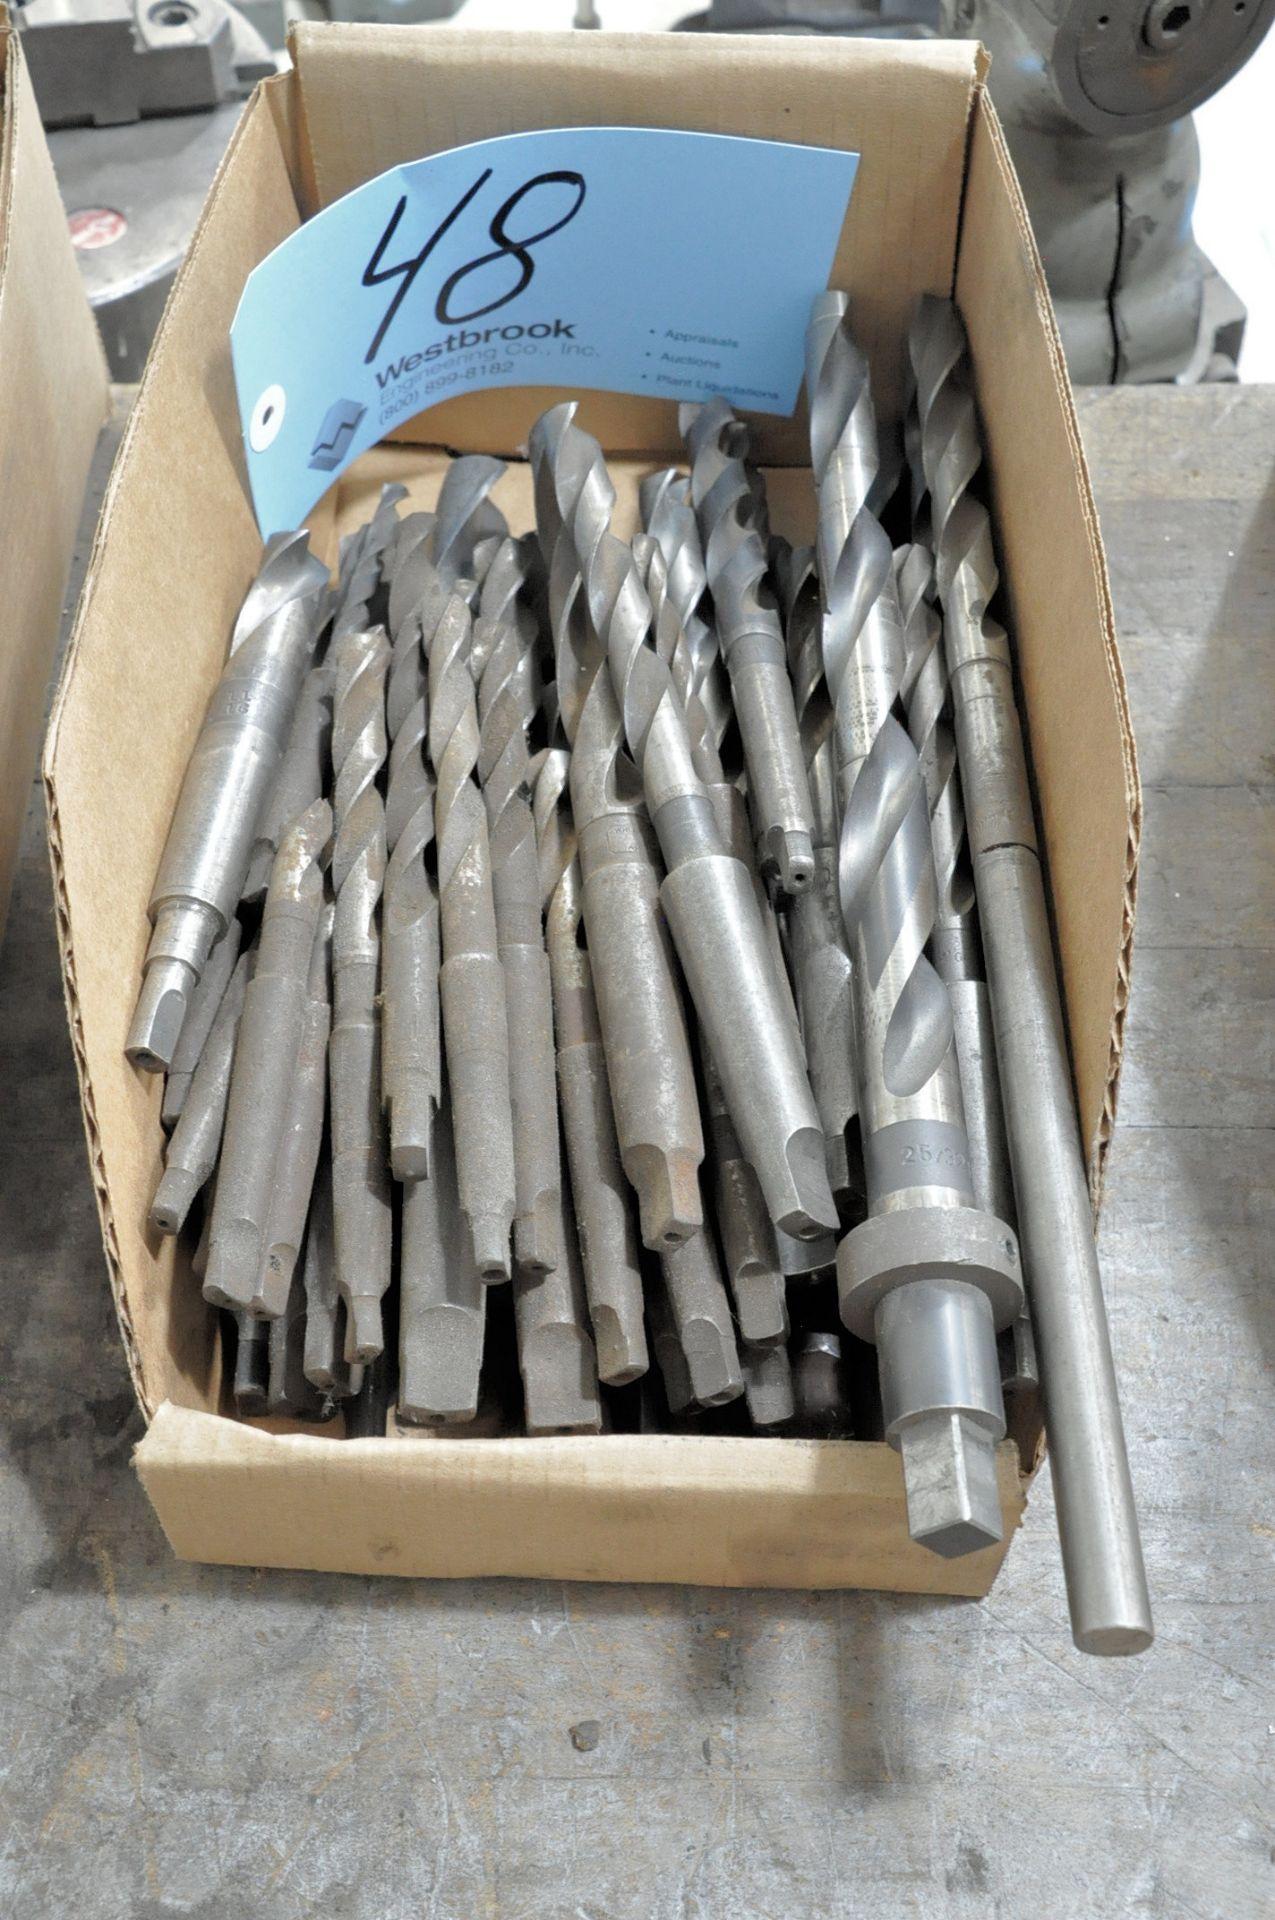 Lot 48 - Lot-Taper Shank Drills in (1) Box